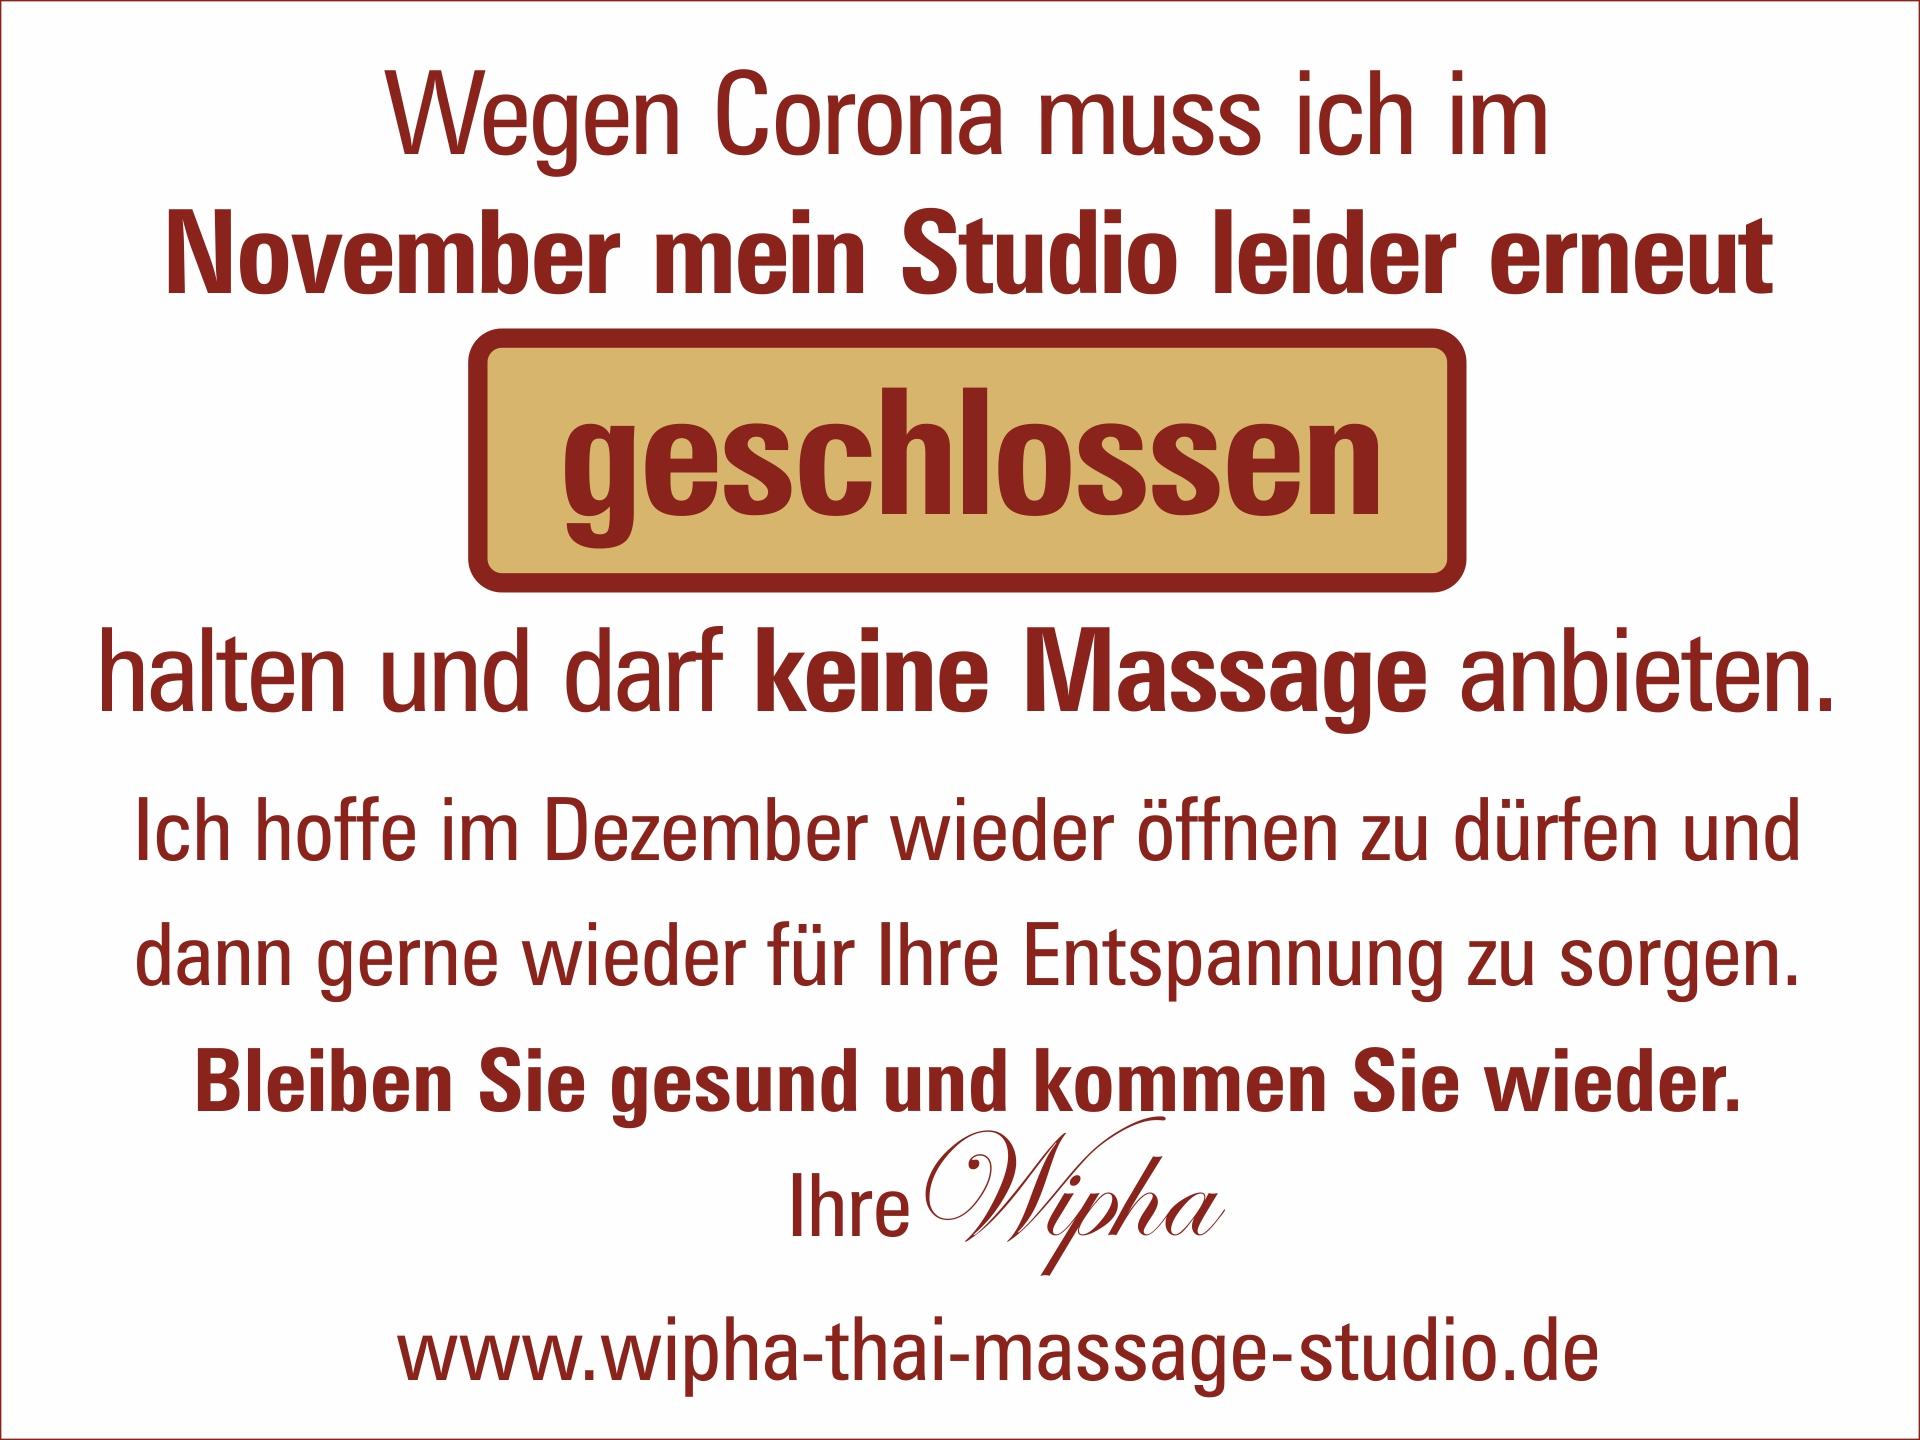 Wegen der Corona Beschränkungen müssen wir im November leider geschlossen bleiben. Ihr Wipha Thai Massage Studio.